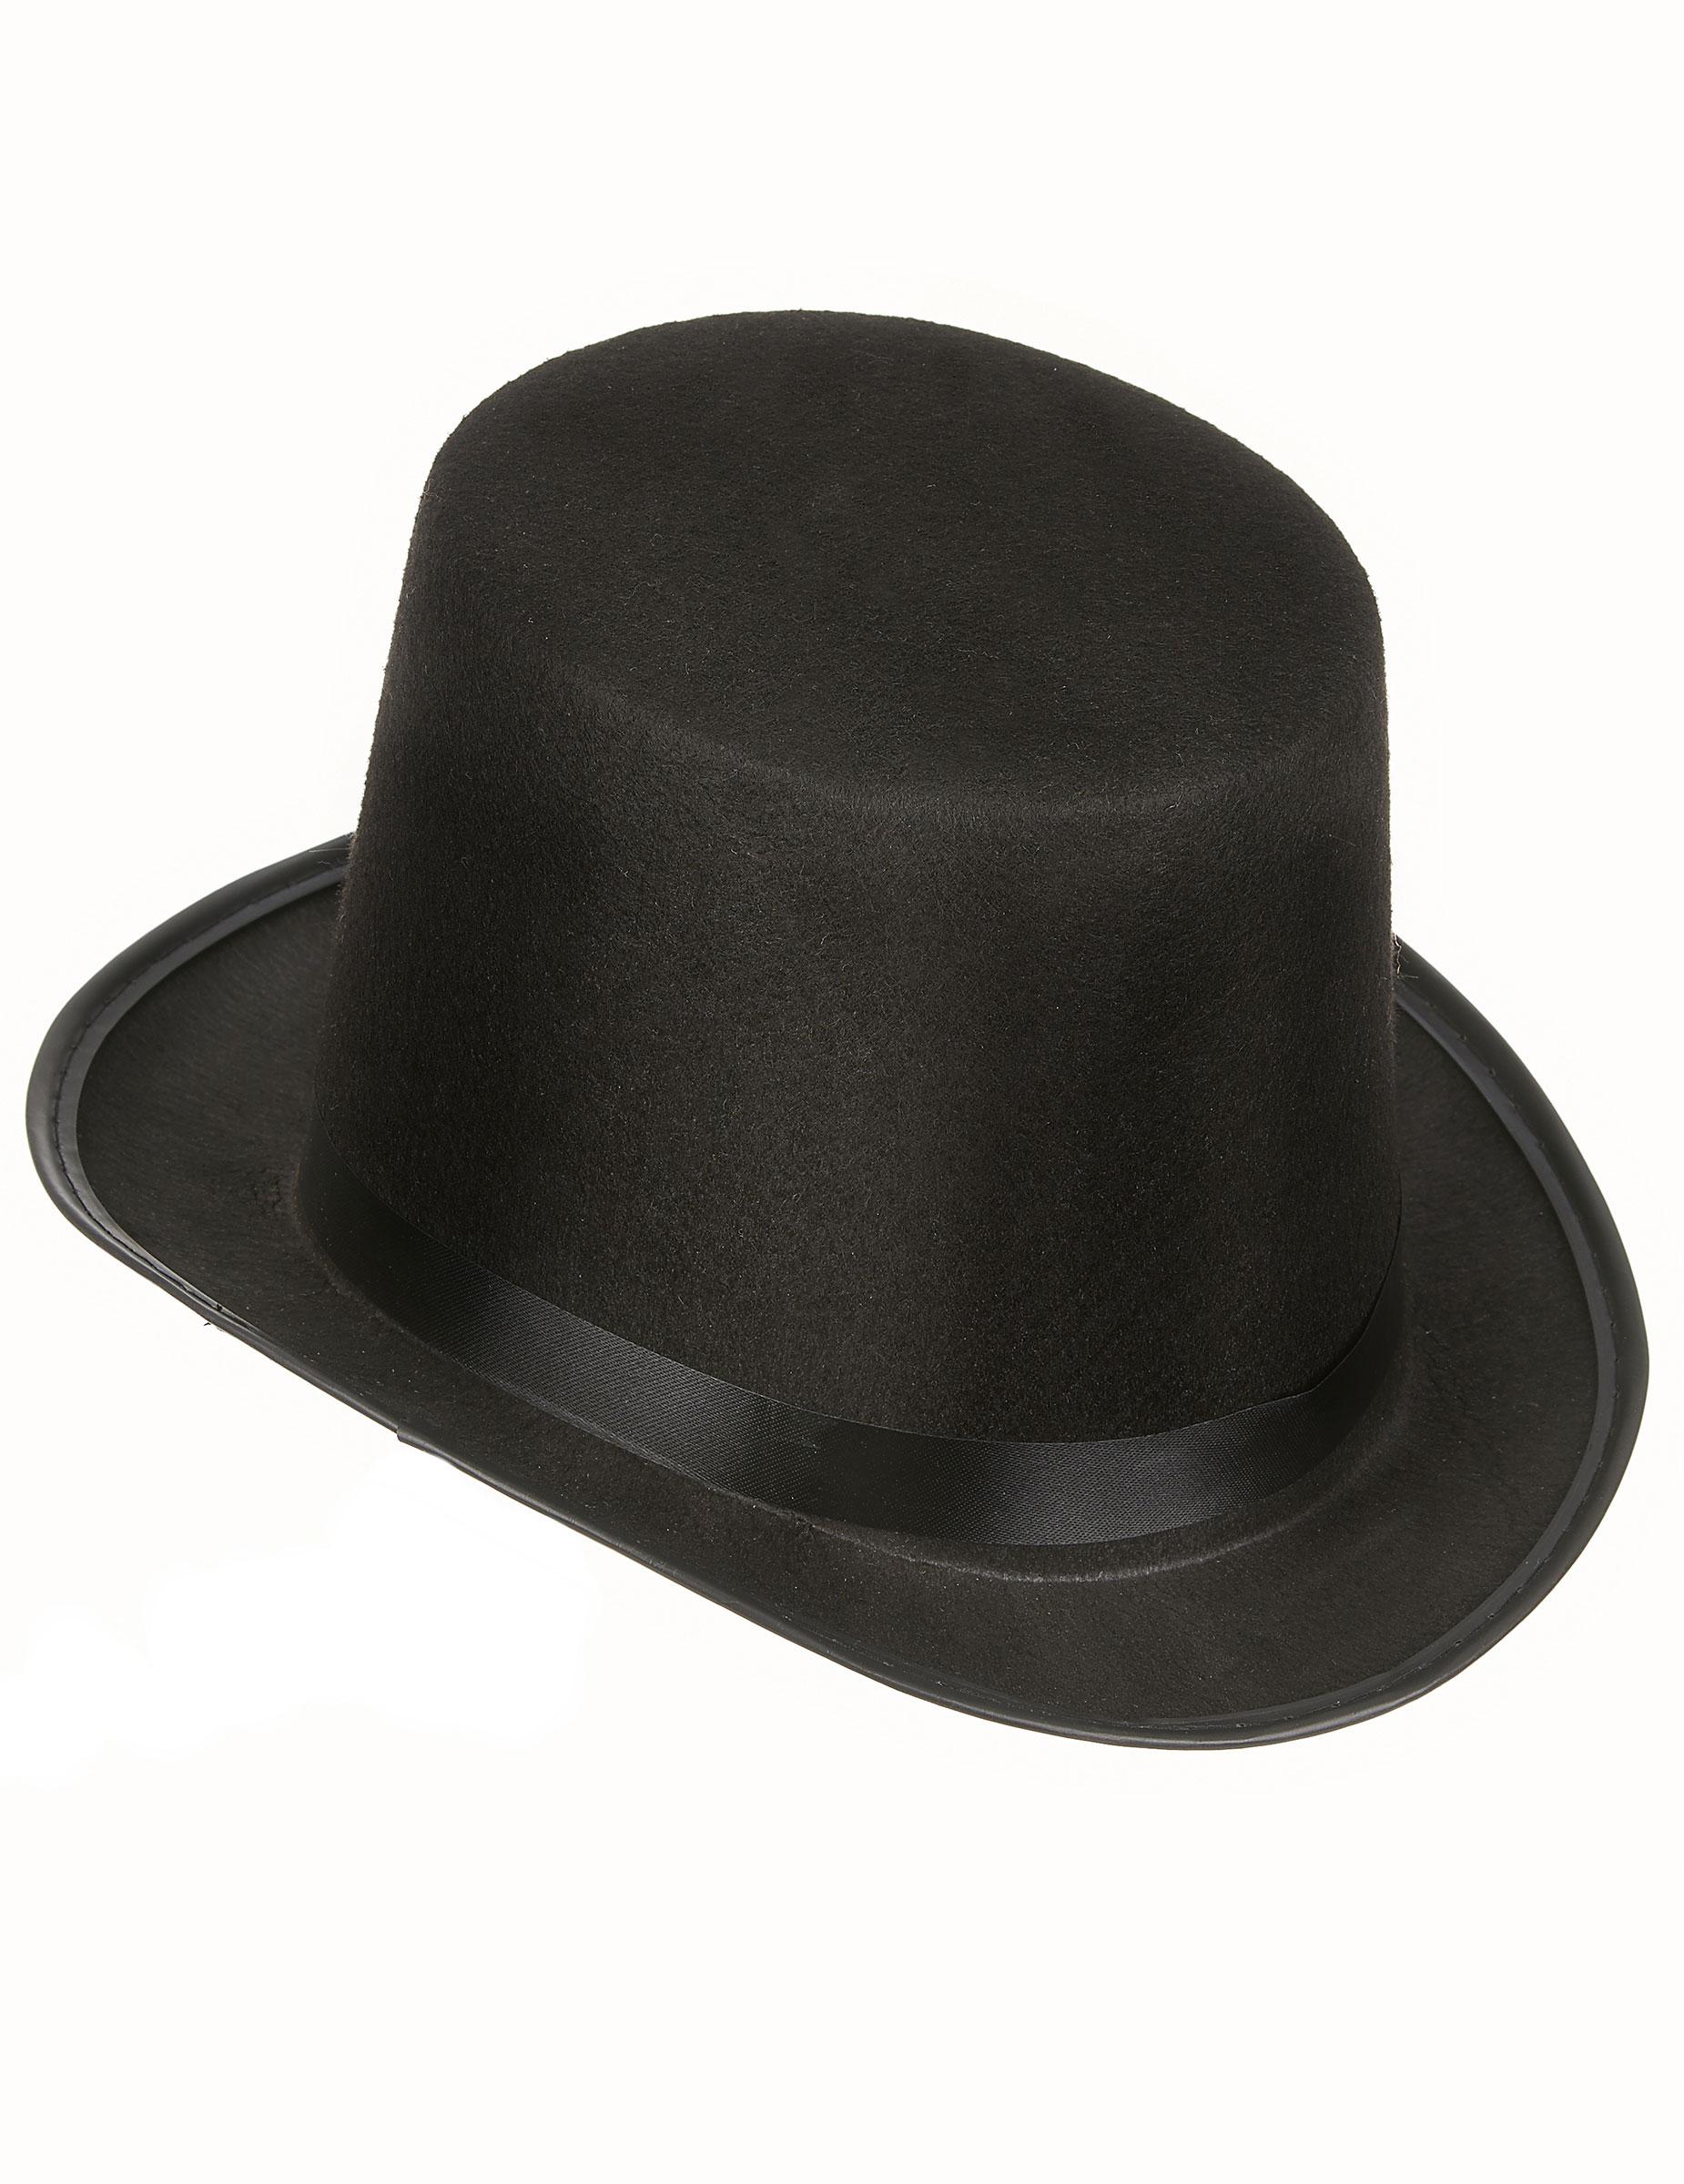 Taille Unique Chapeau Haut de Forme Noir Adulte DEGUISE TOI